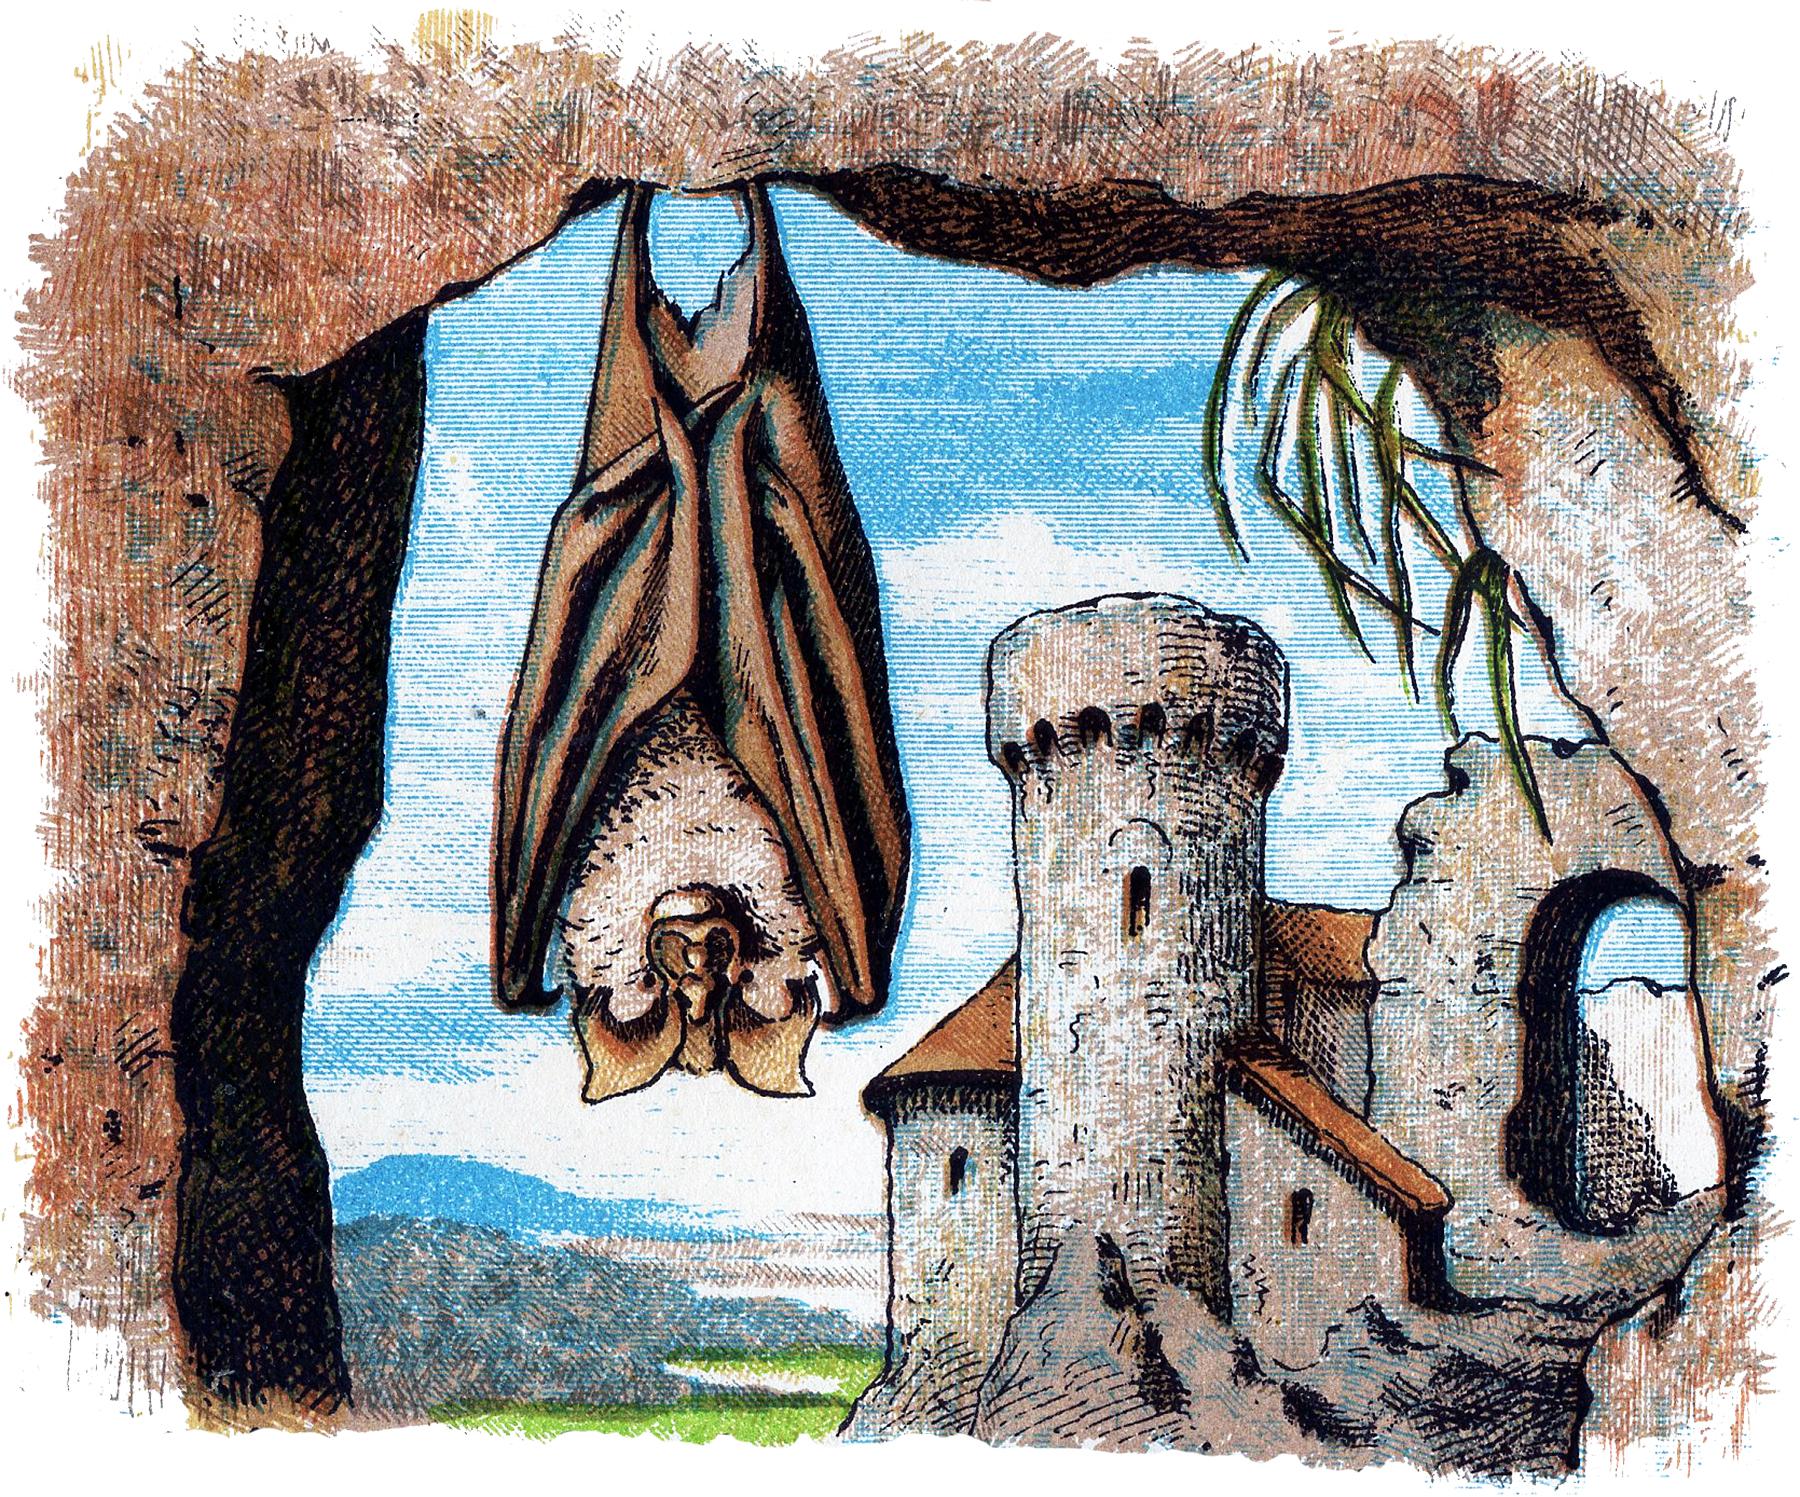 12 Bat Images.